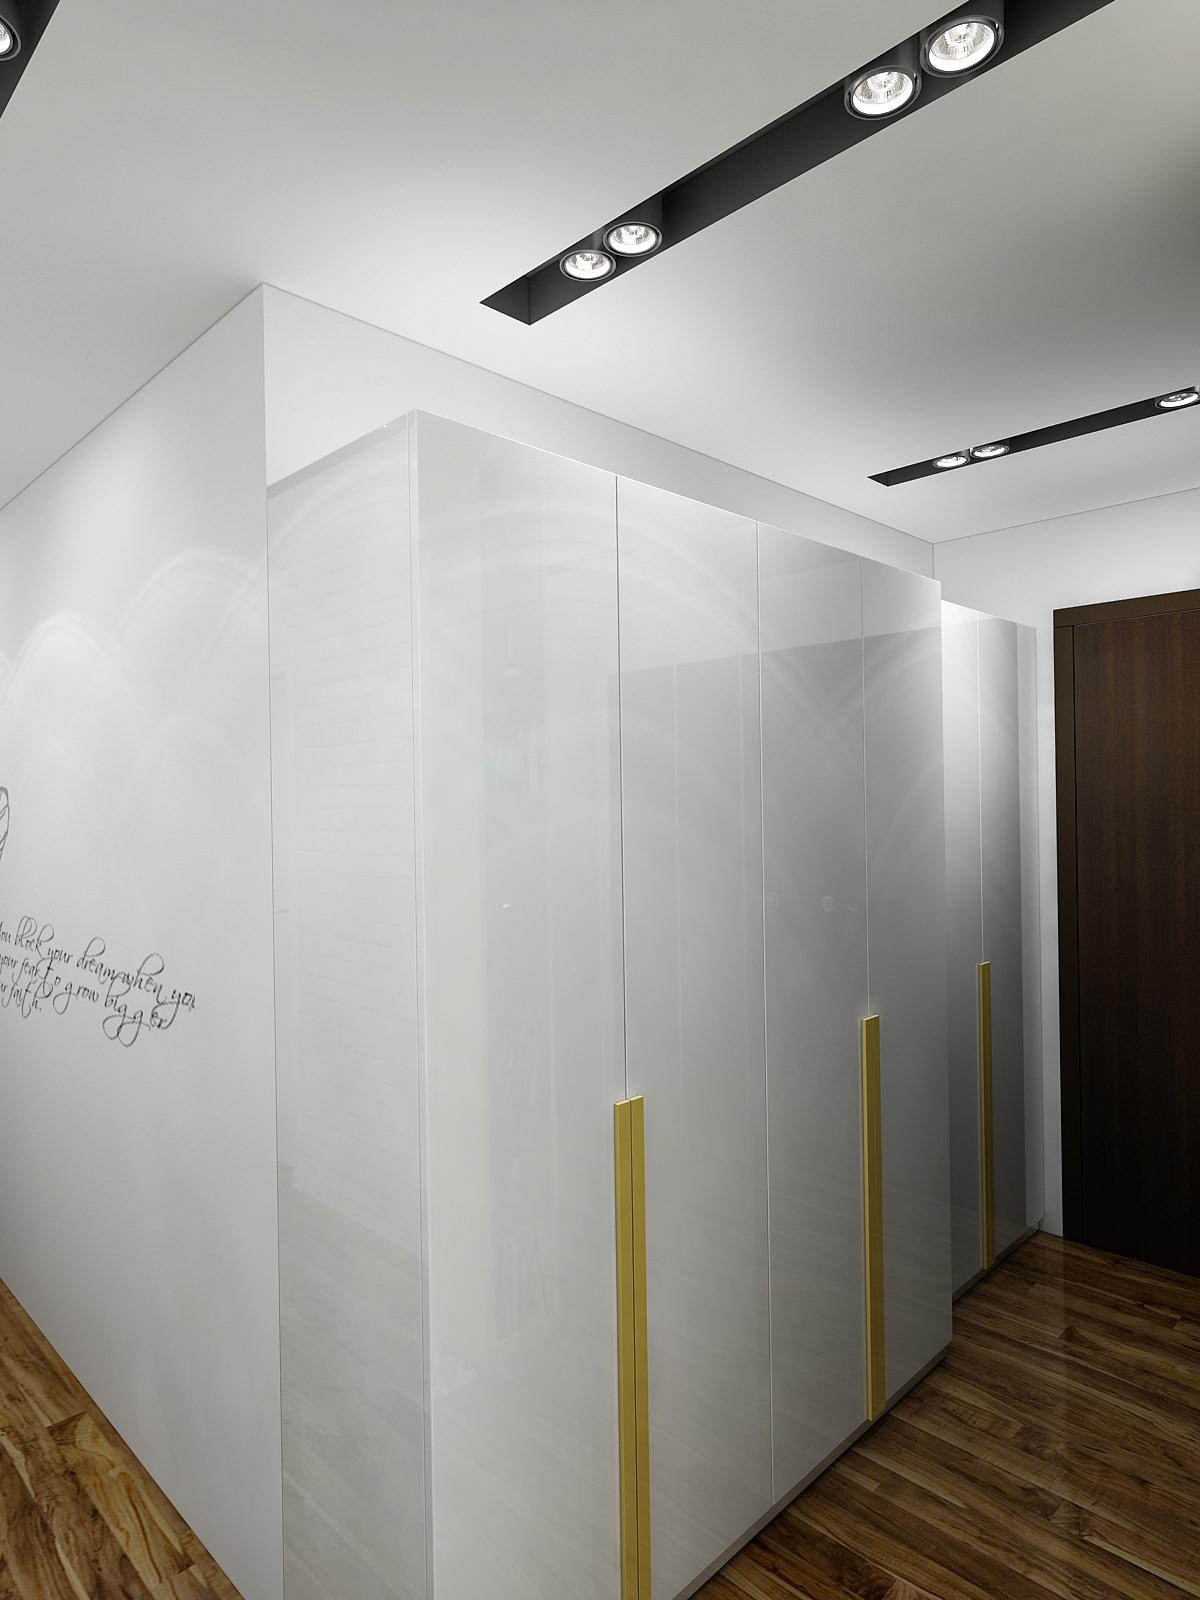 Extravagance-Koridor.1.2